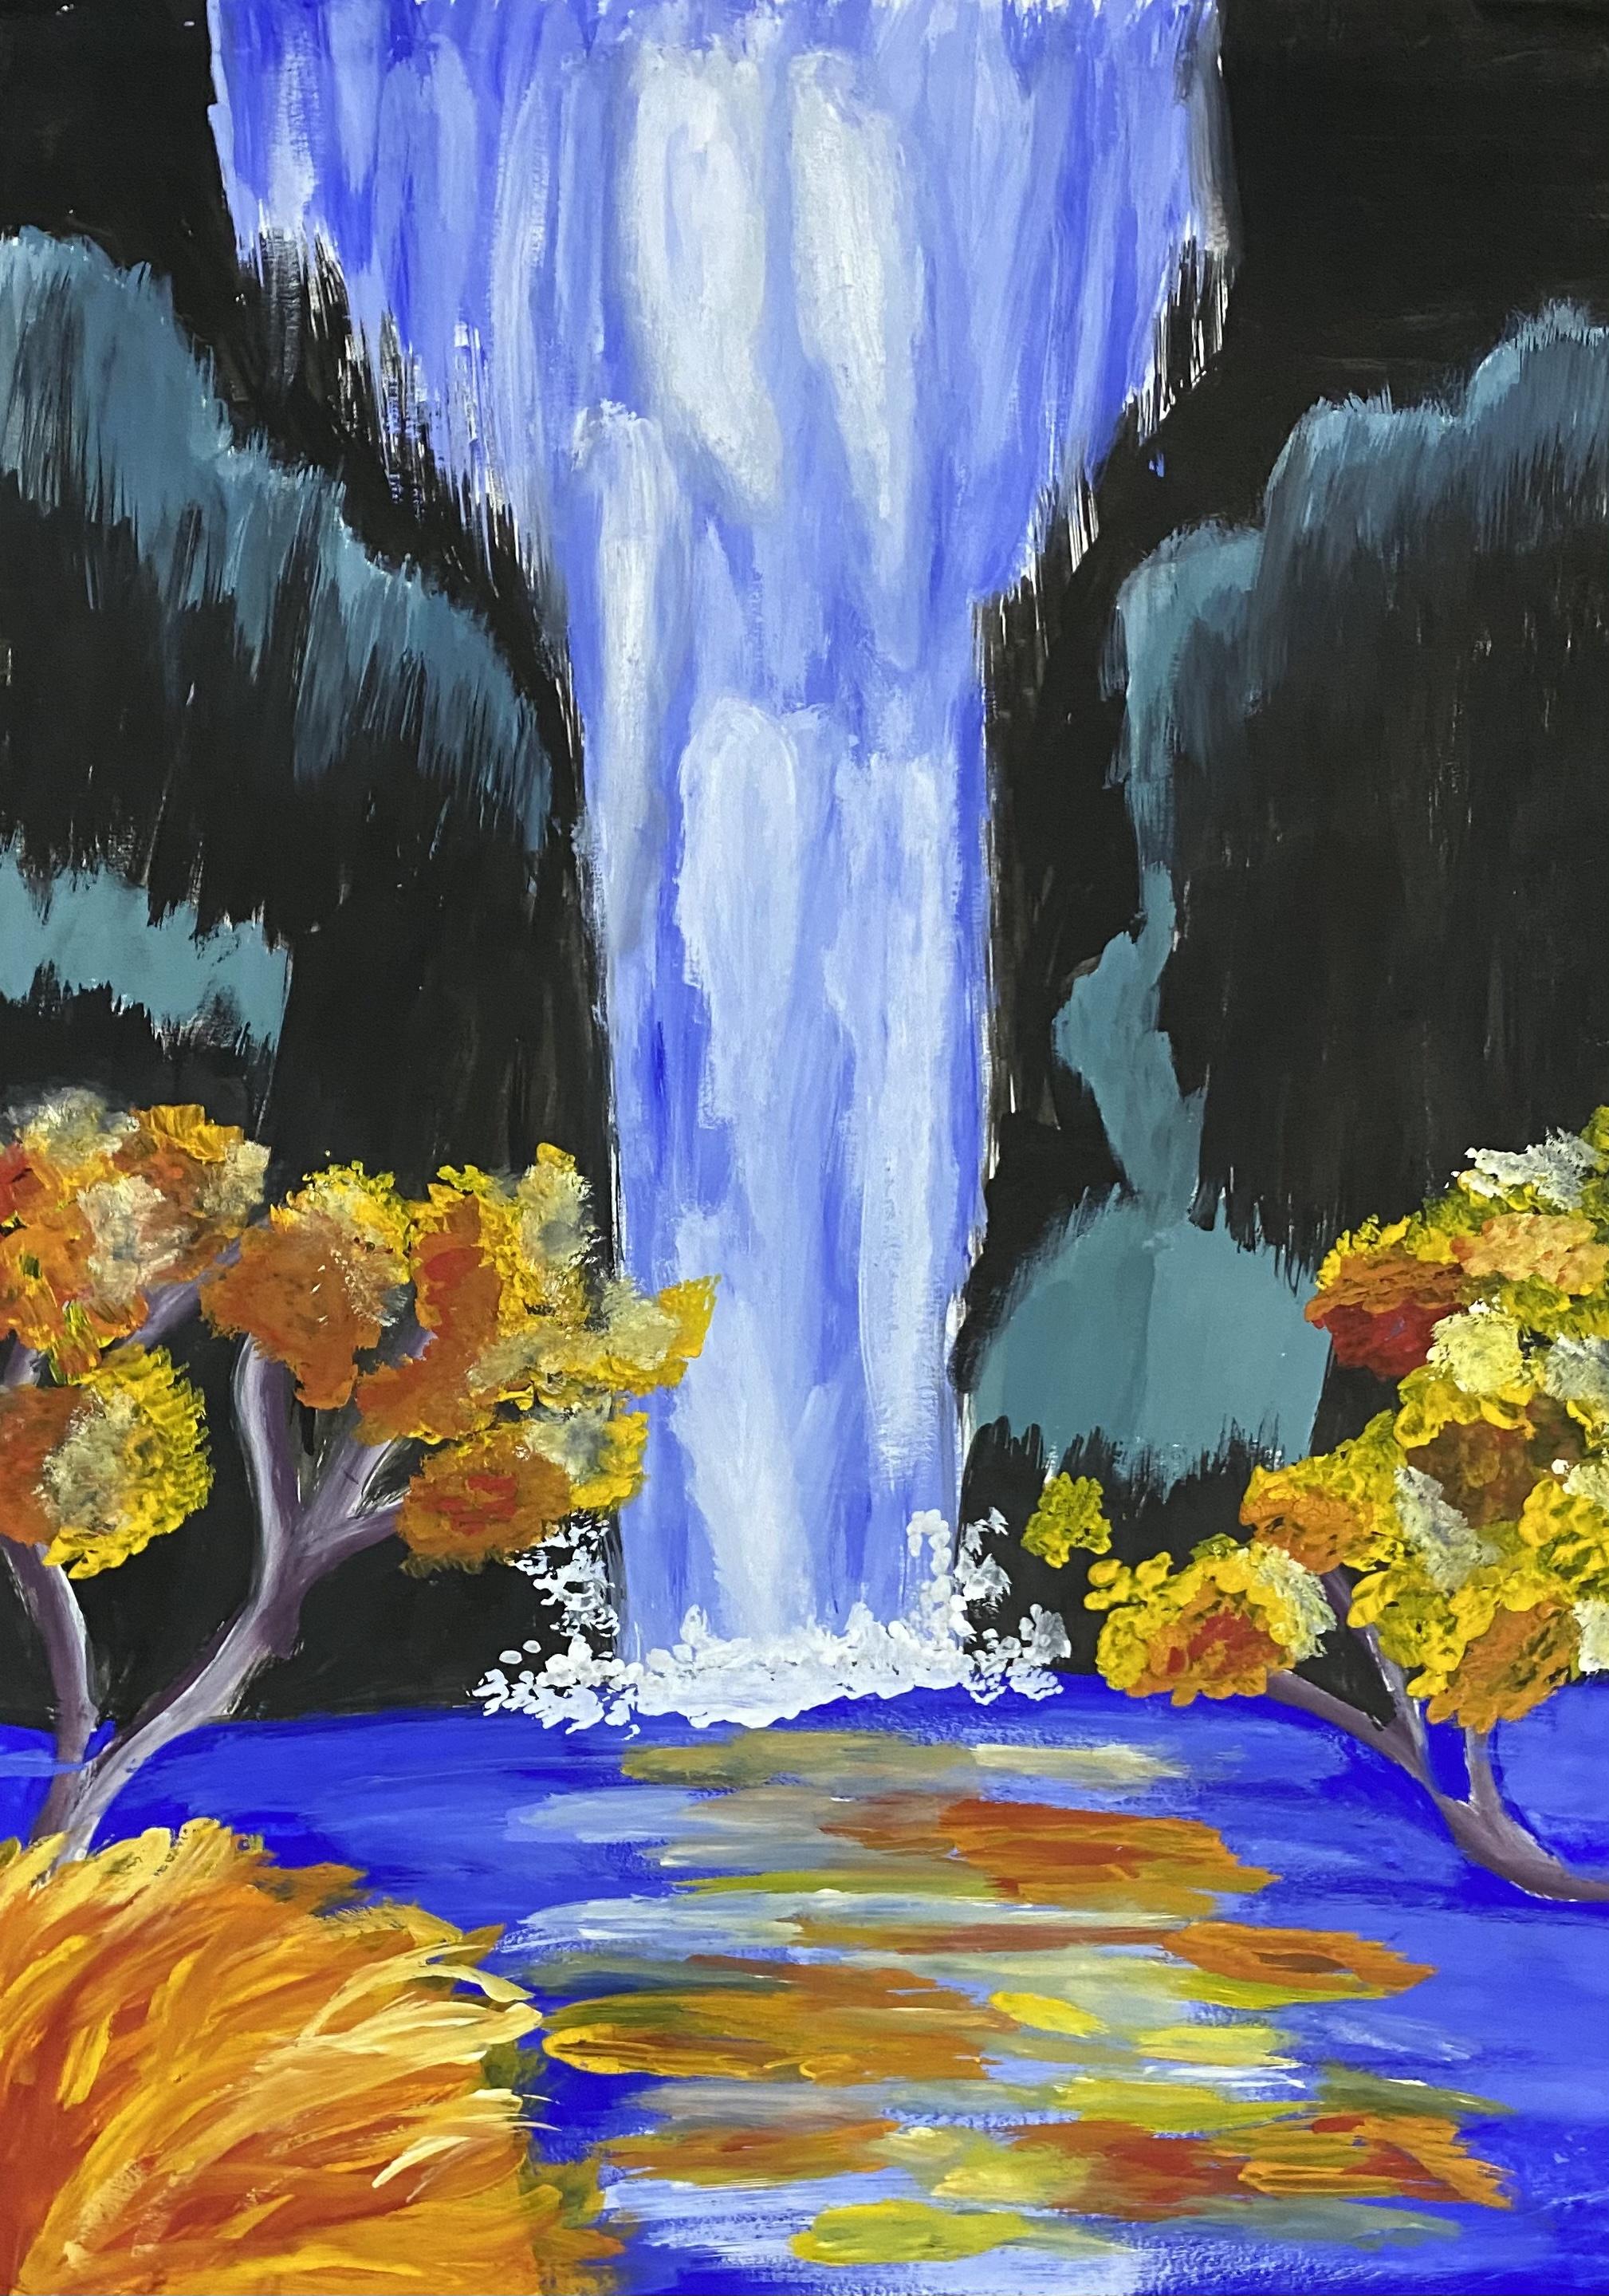 Nikita's Waterfall Painting